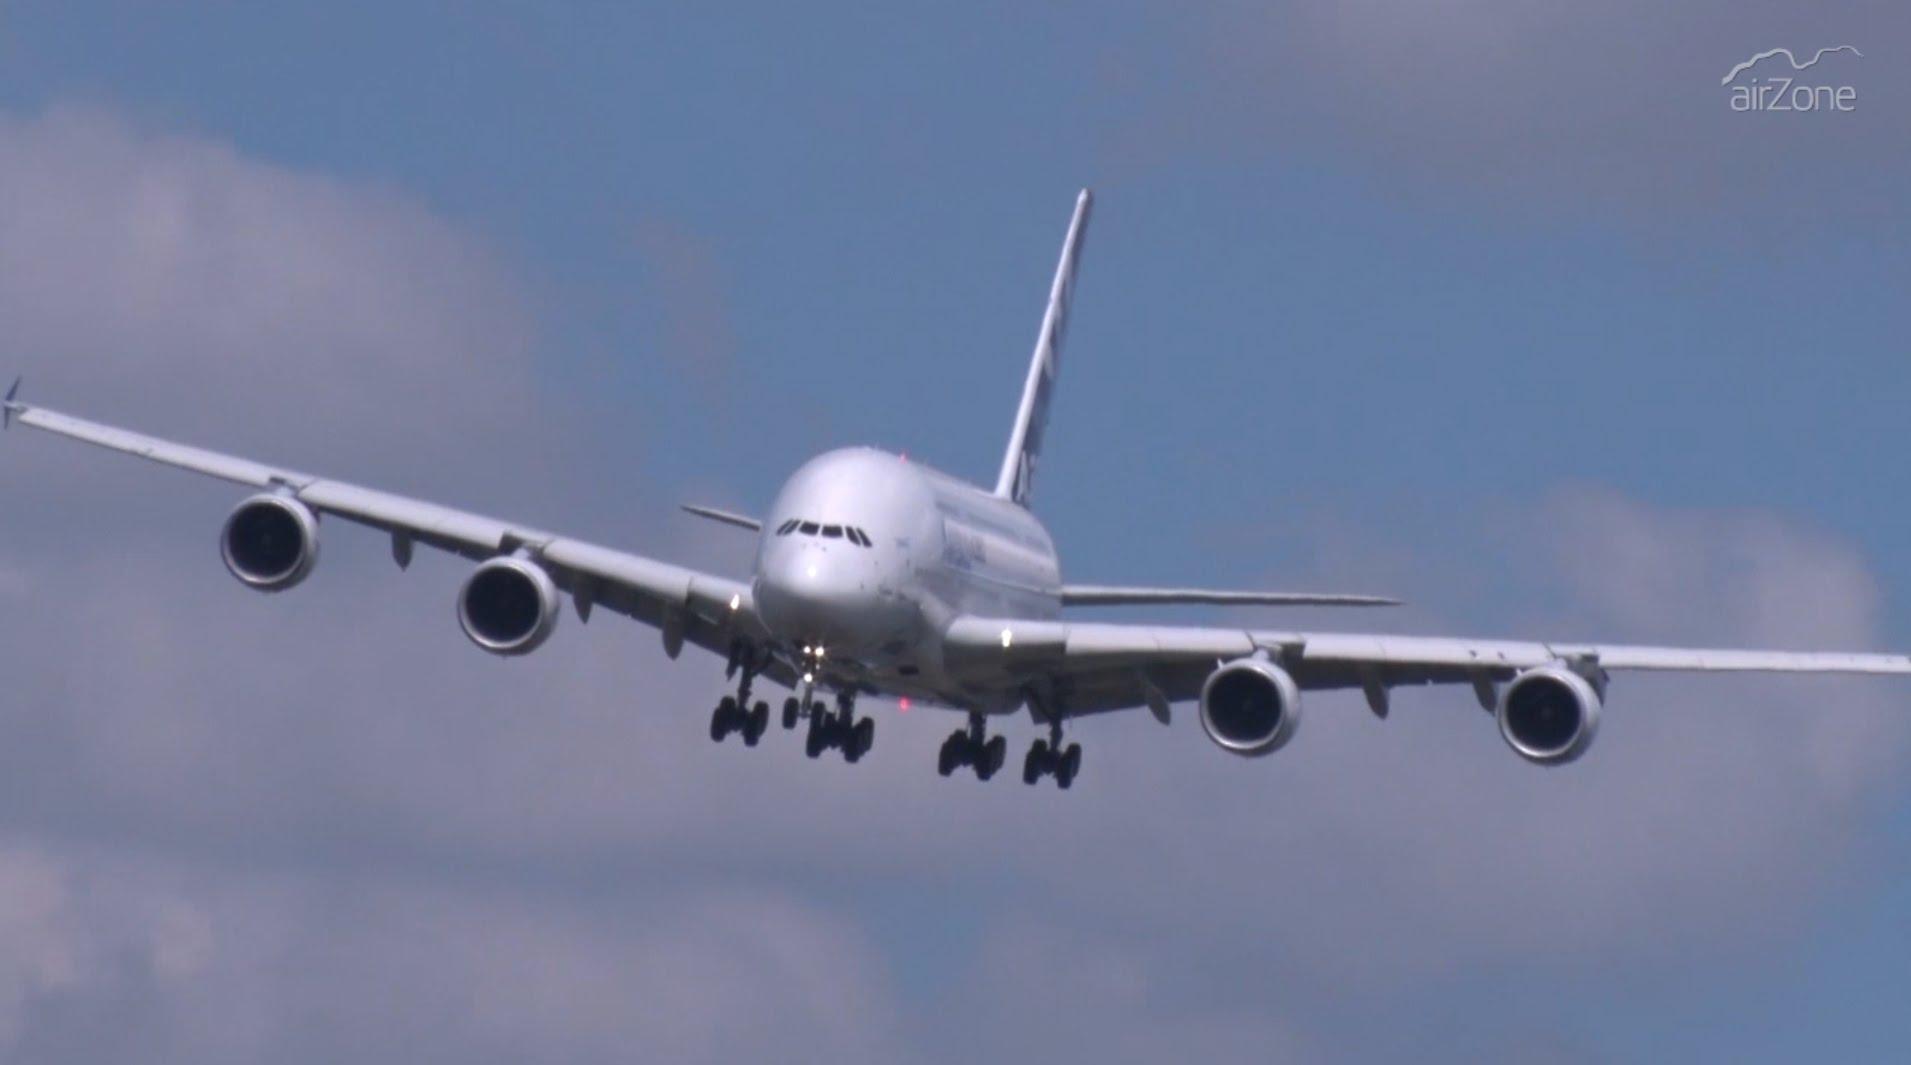 Magazín AIRZONE – 08/2014 – 01 Farnborough International Airshow